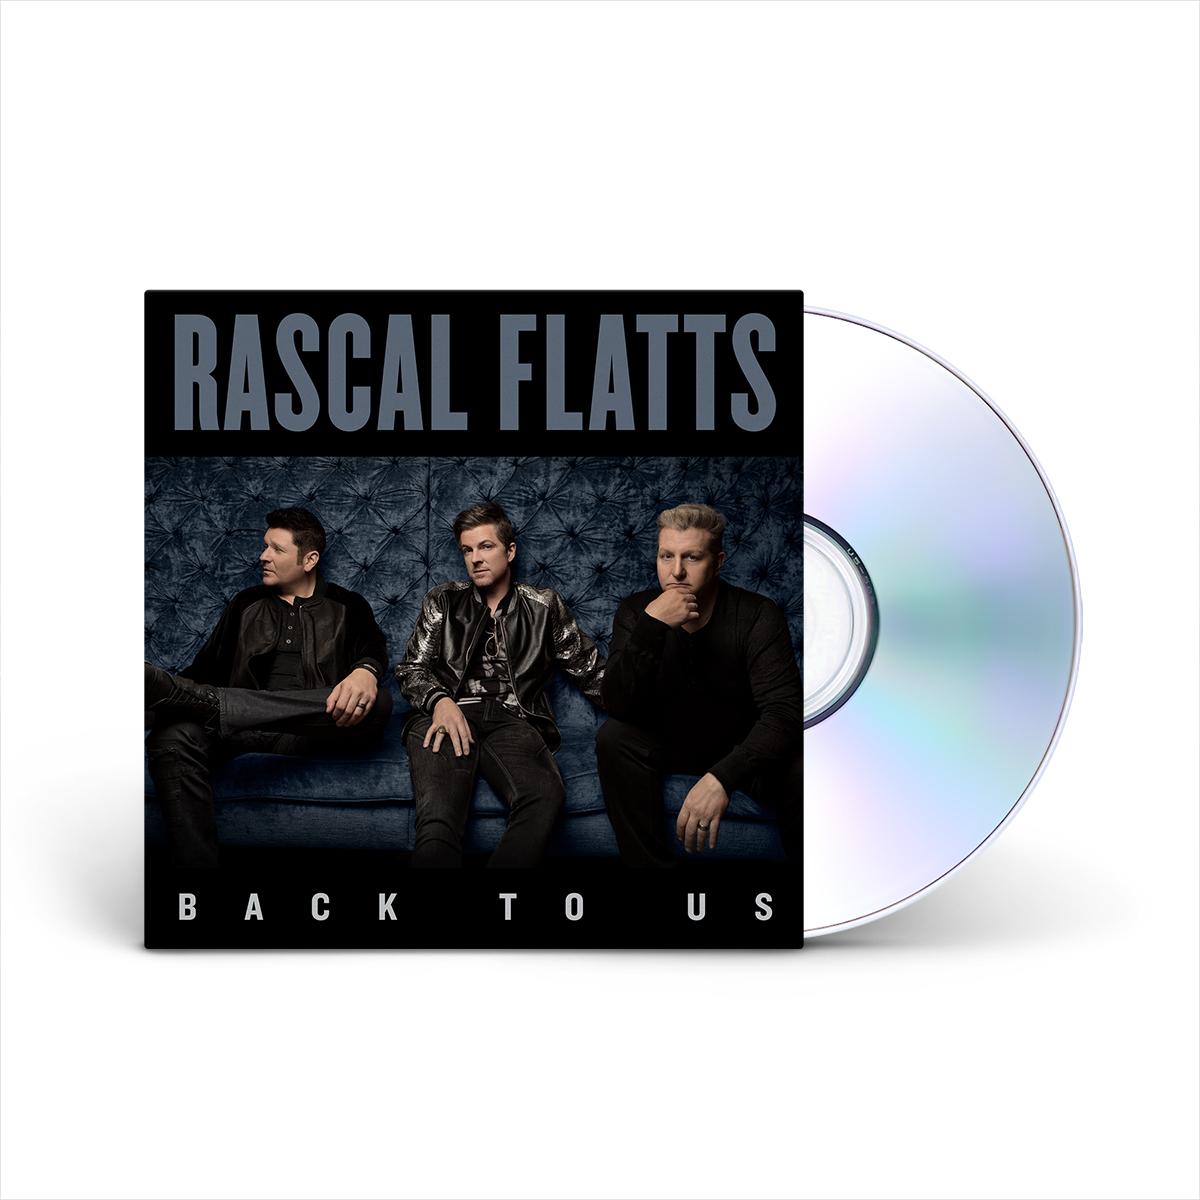 Rascal Flatts Back To Us CD